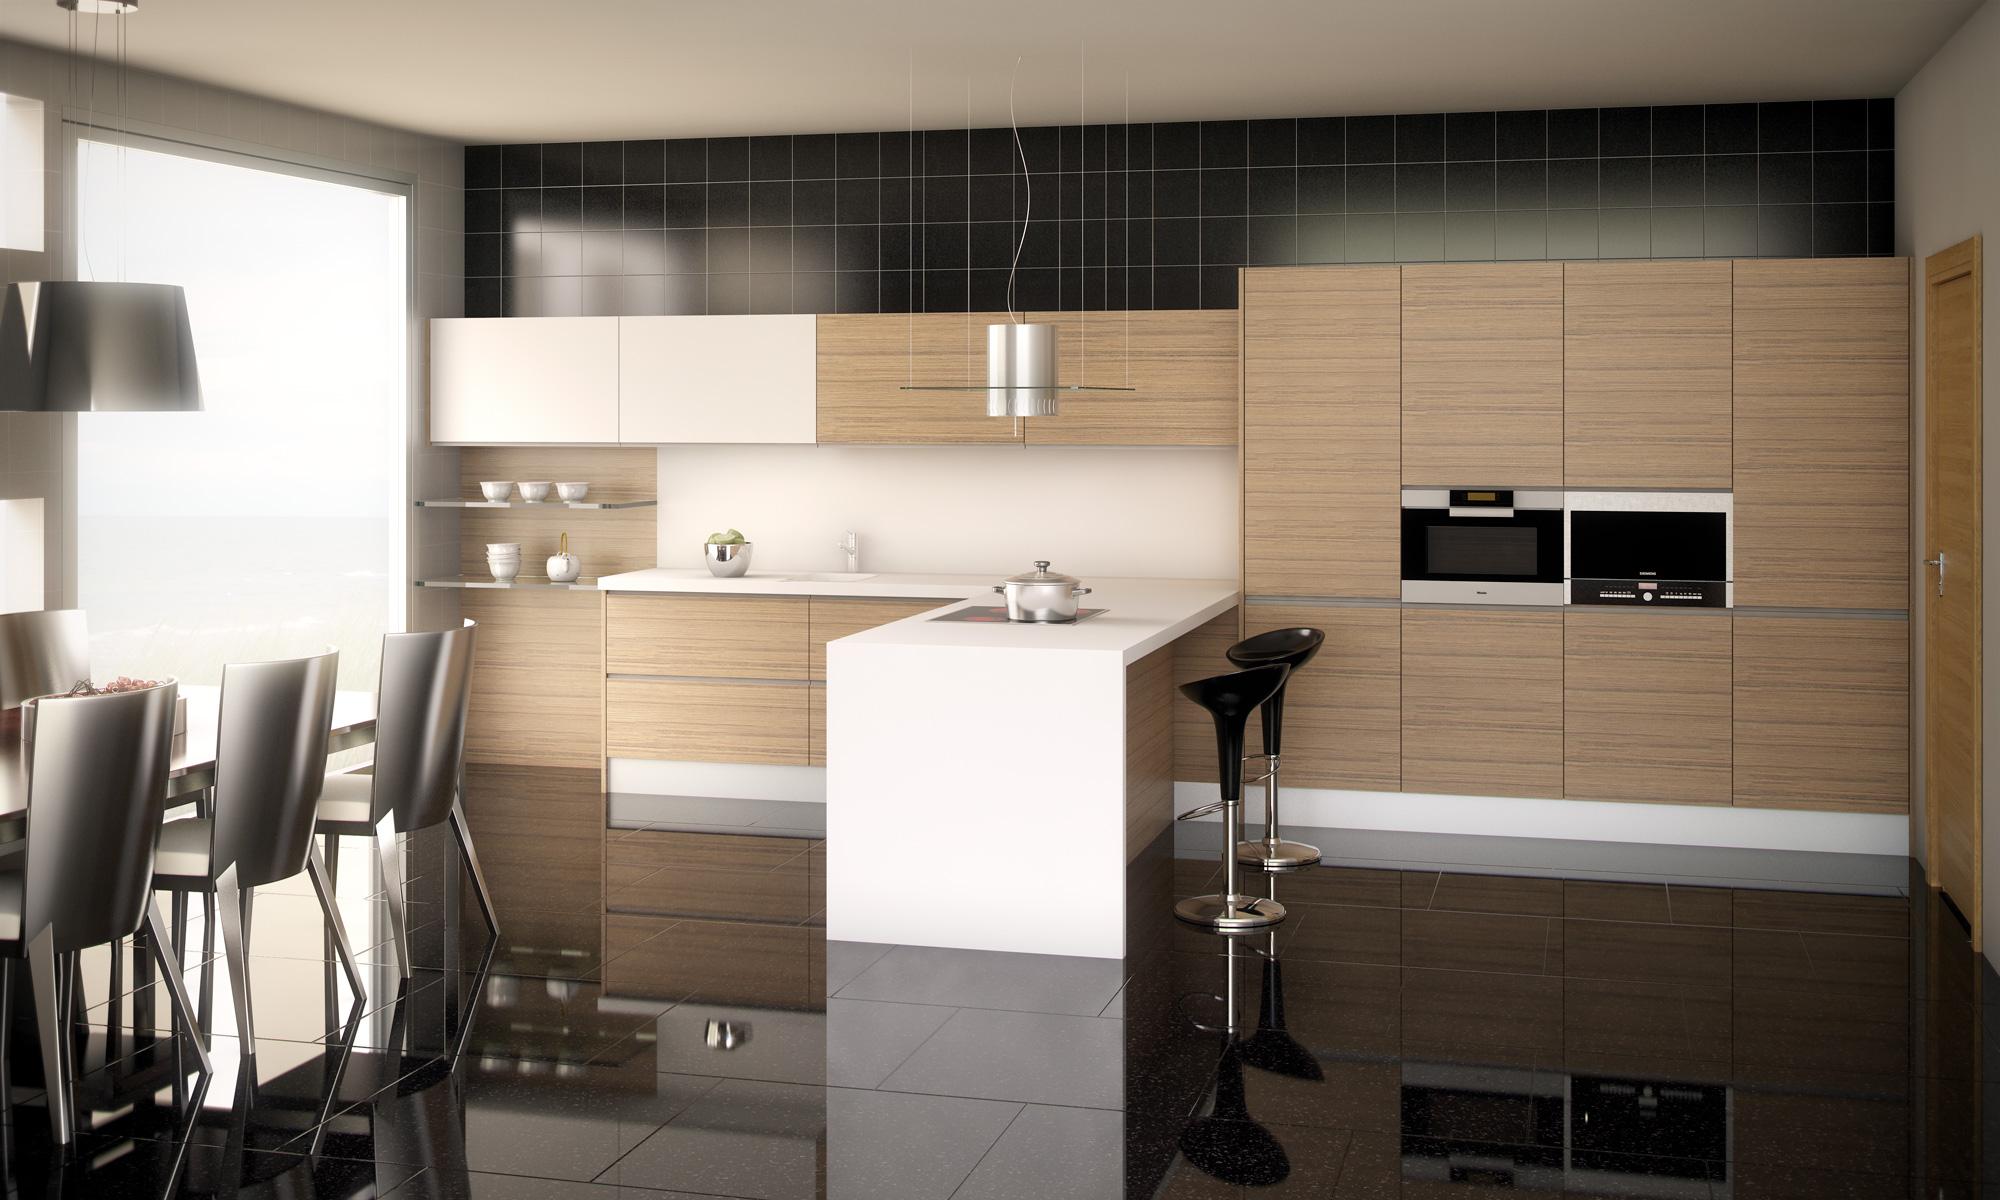 Muebles de cocina en alicante ideas for Jefe de cocina alicante